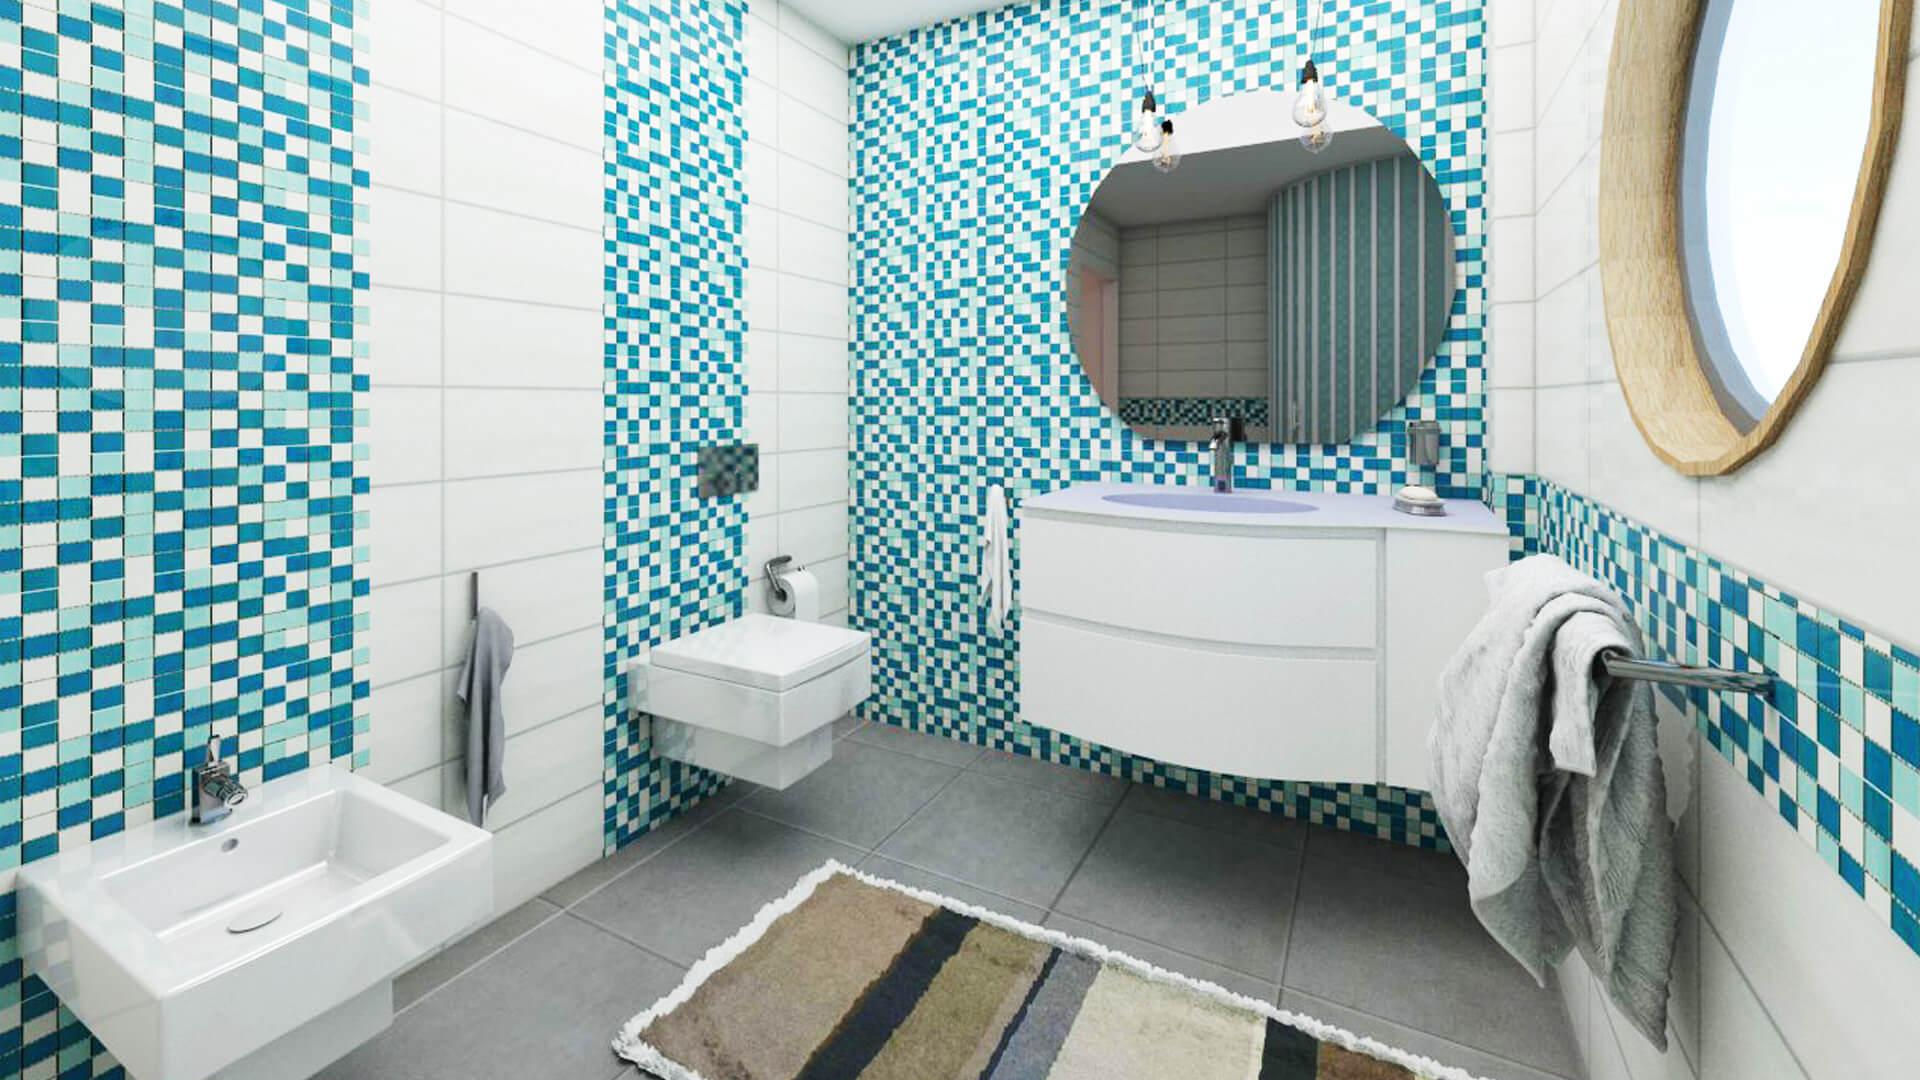 Progettazione e render cucina e bagni Villa Banchiero. Località Varese